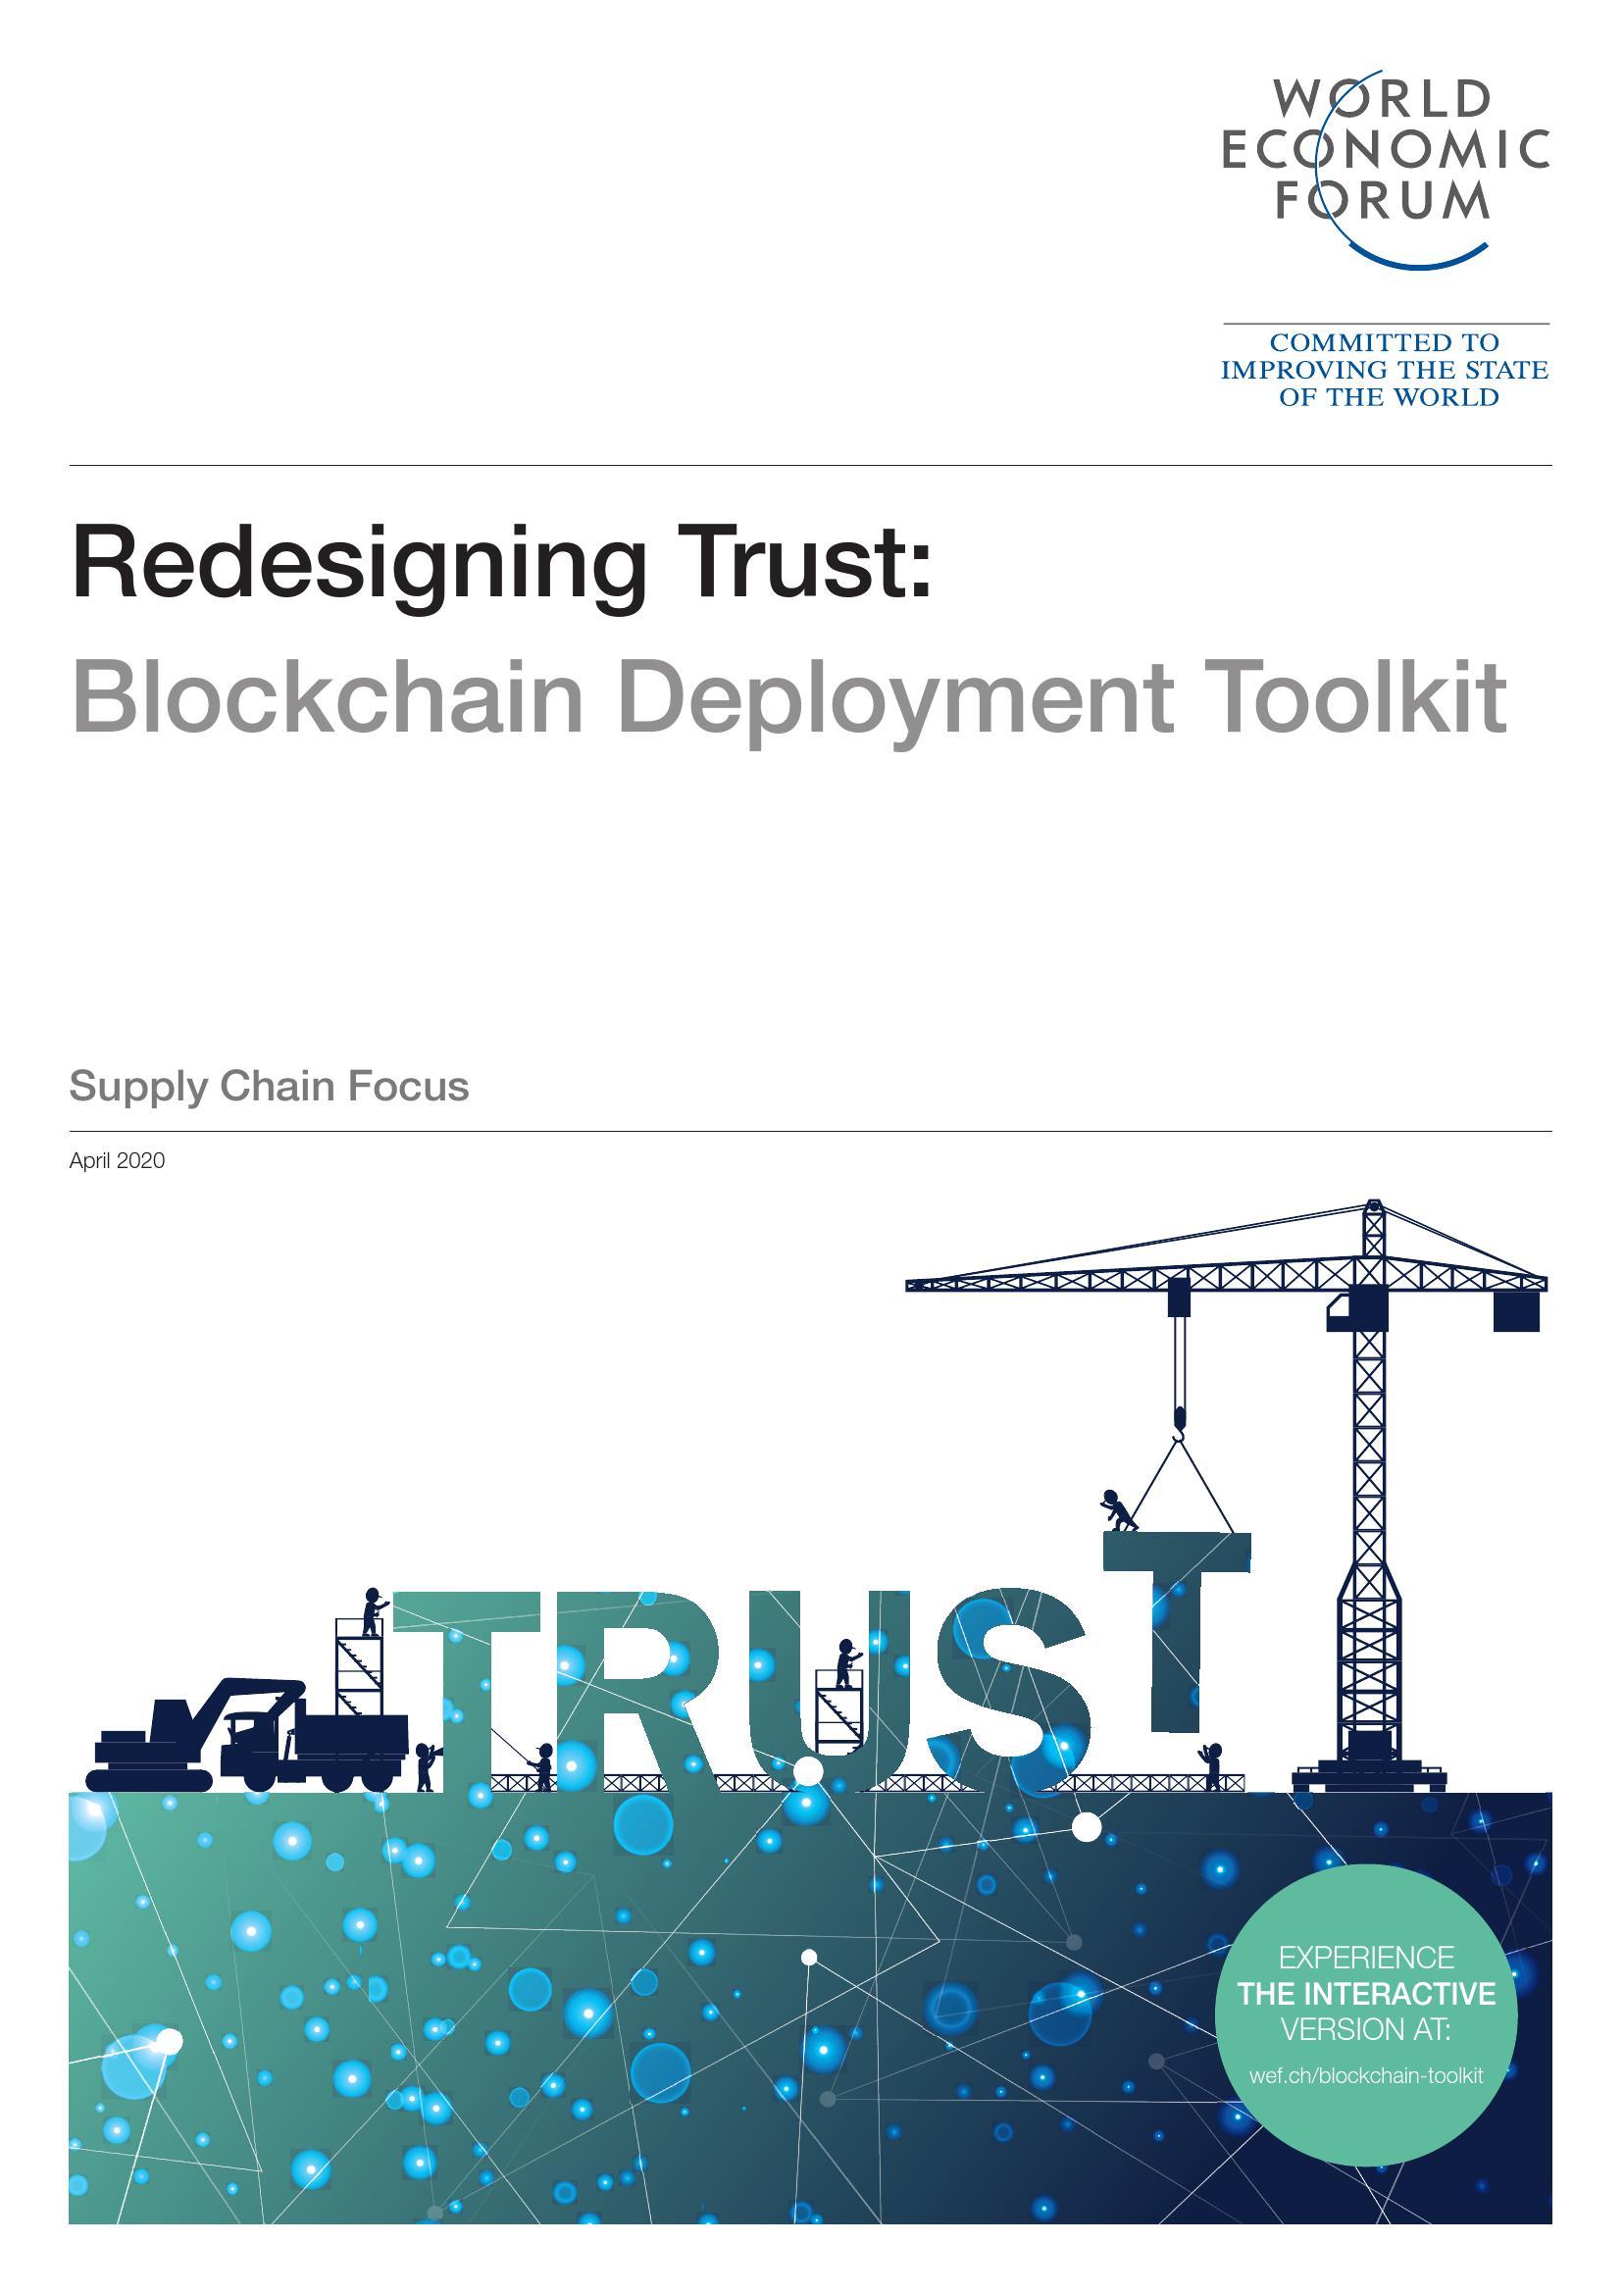 世界经济论坛:重塑信任区块链工具包